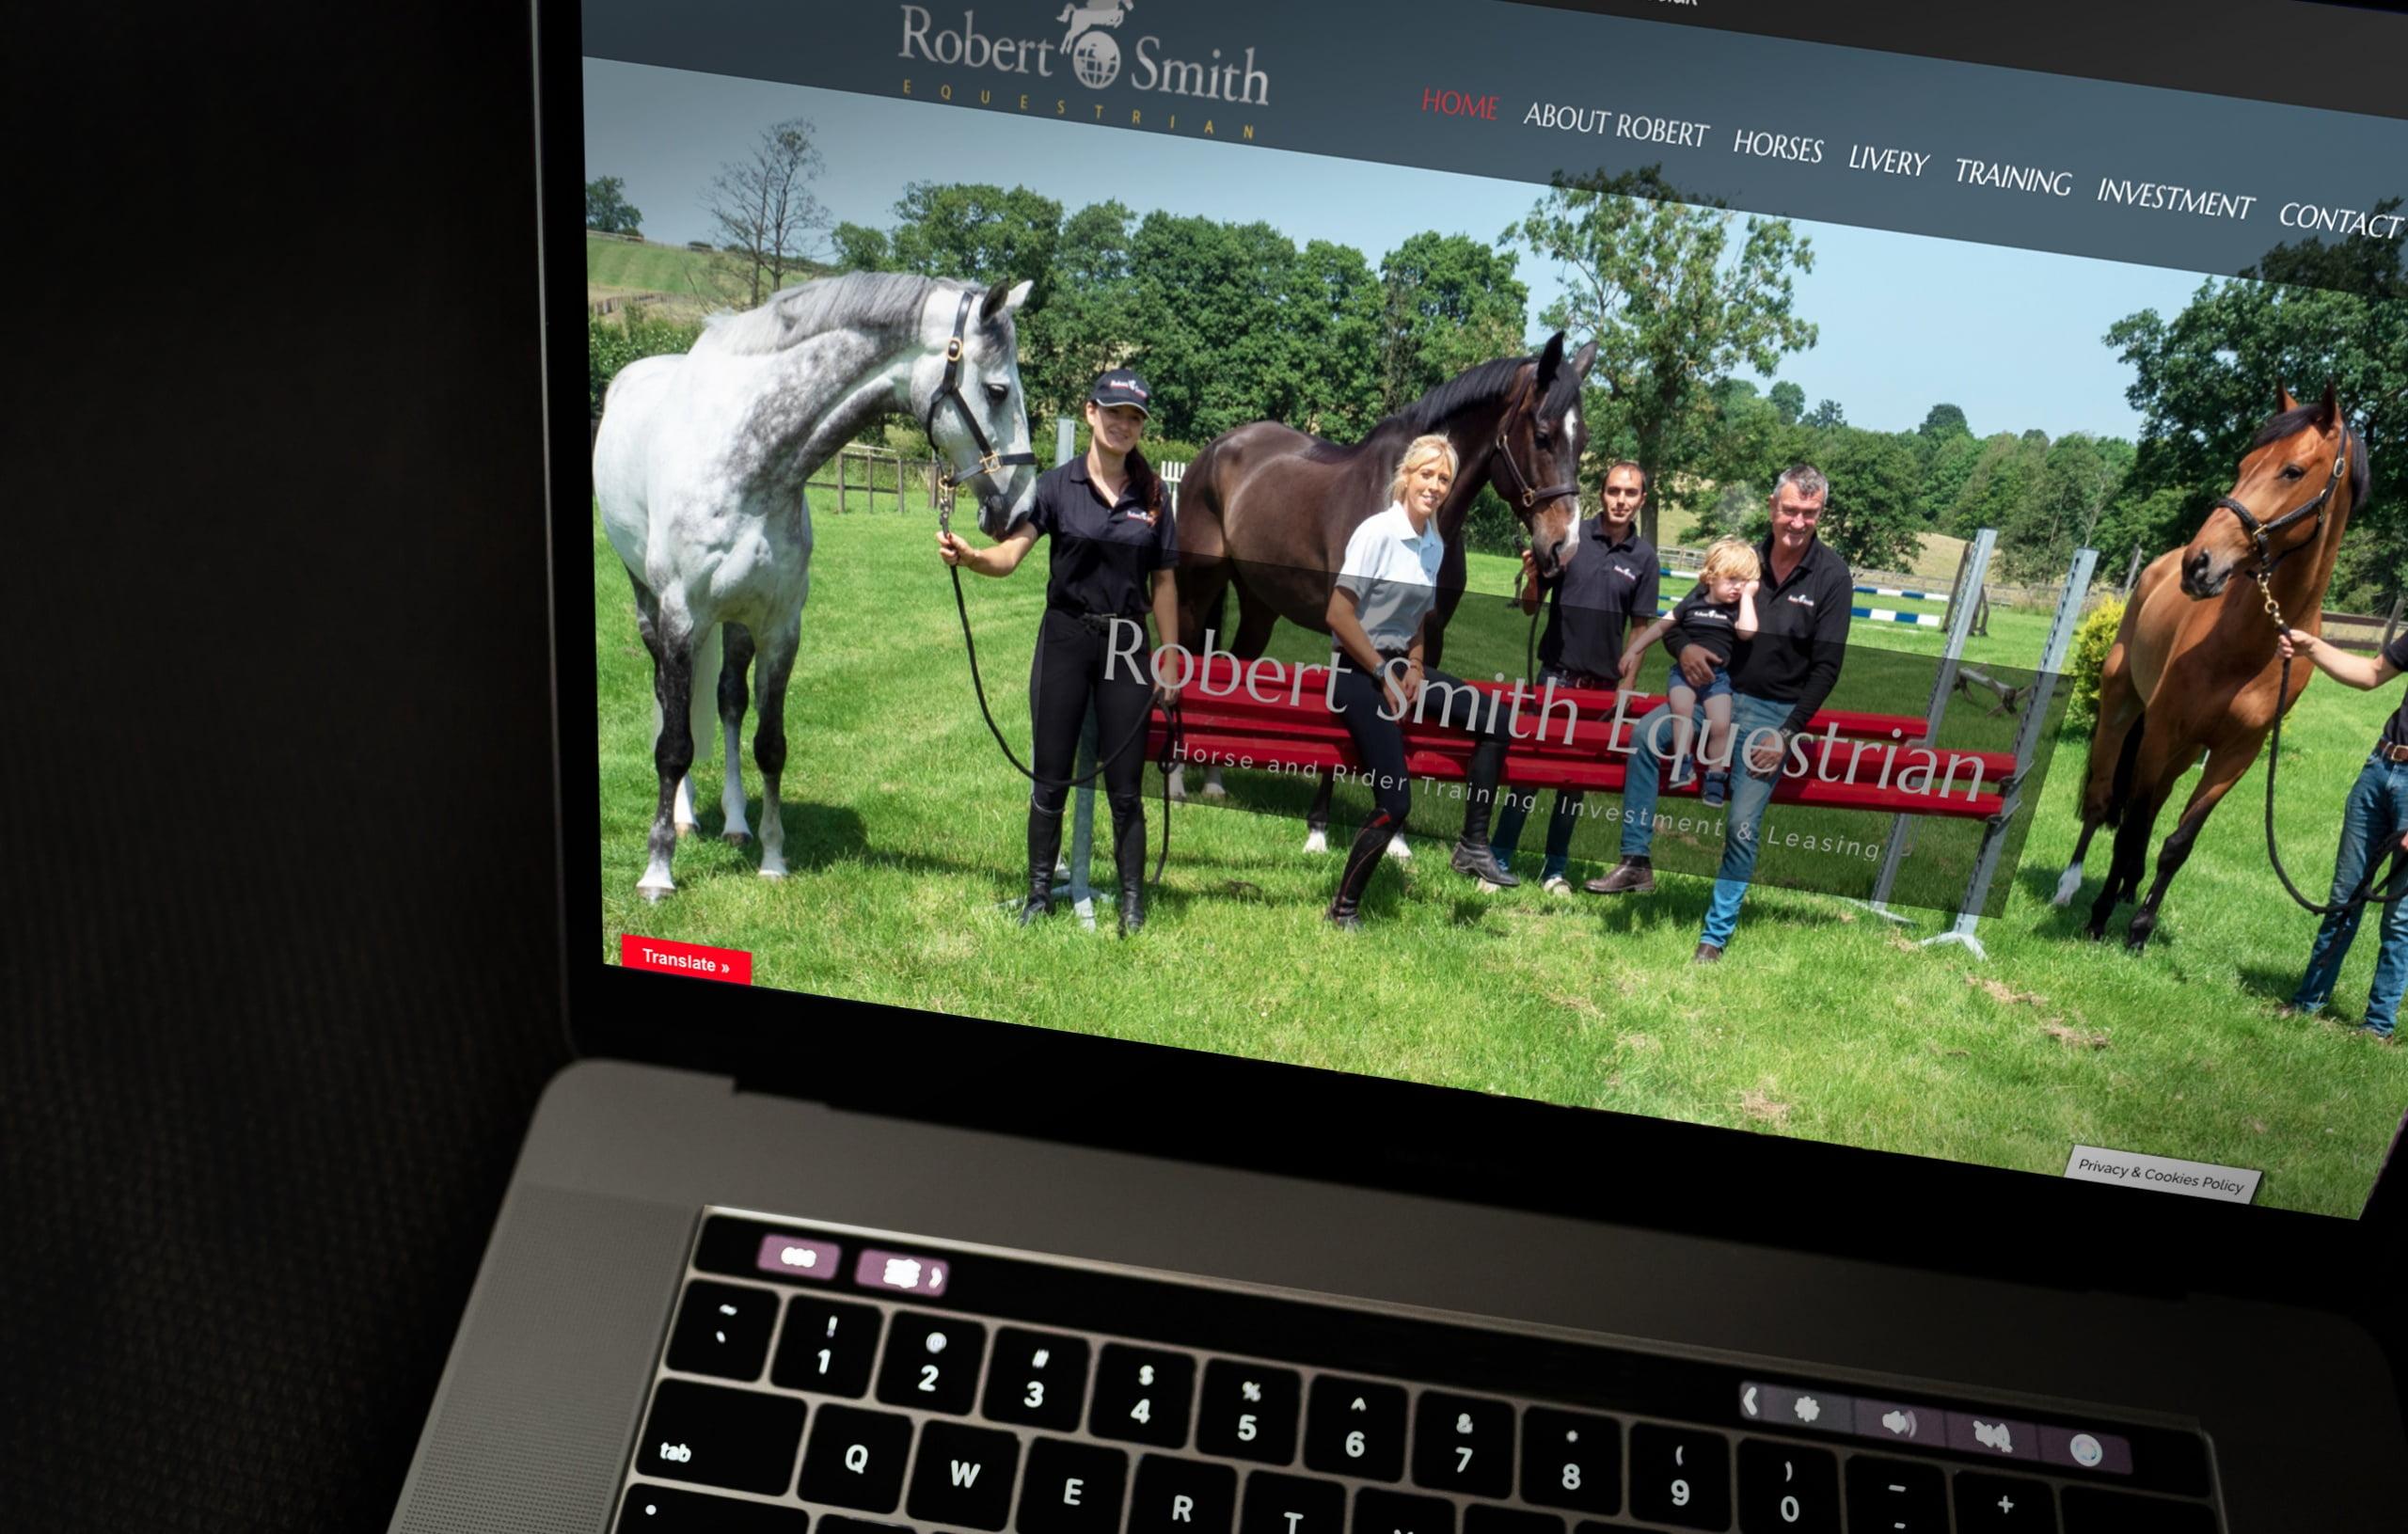 Robert Smith Equestrian Website